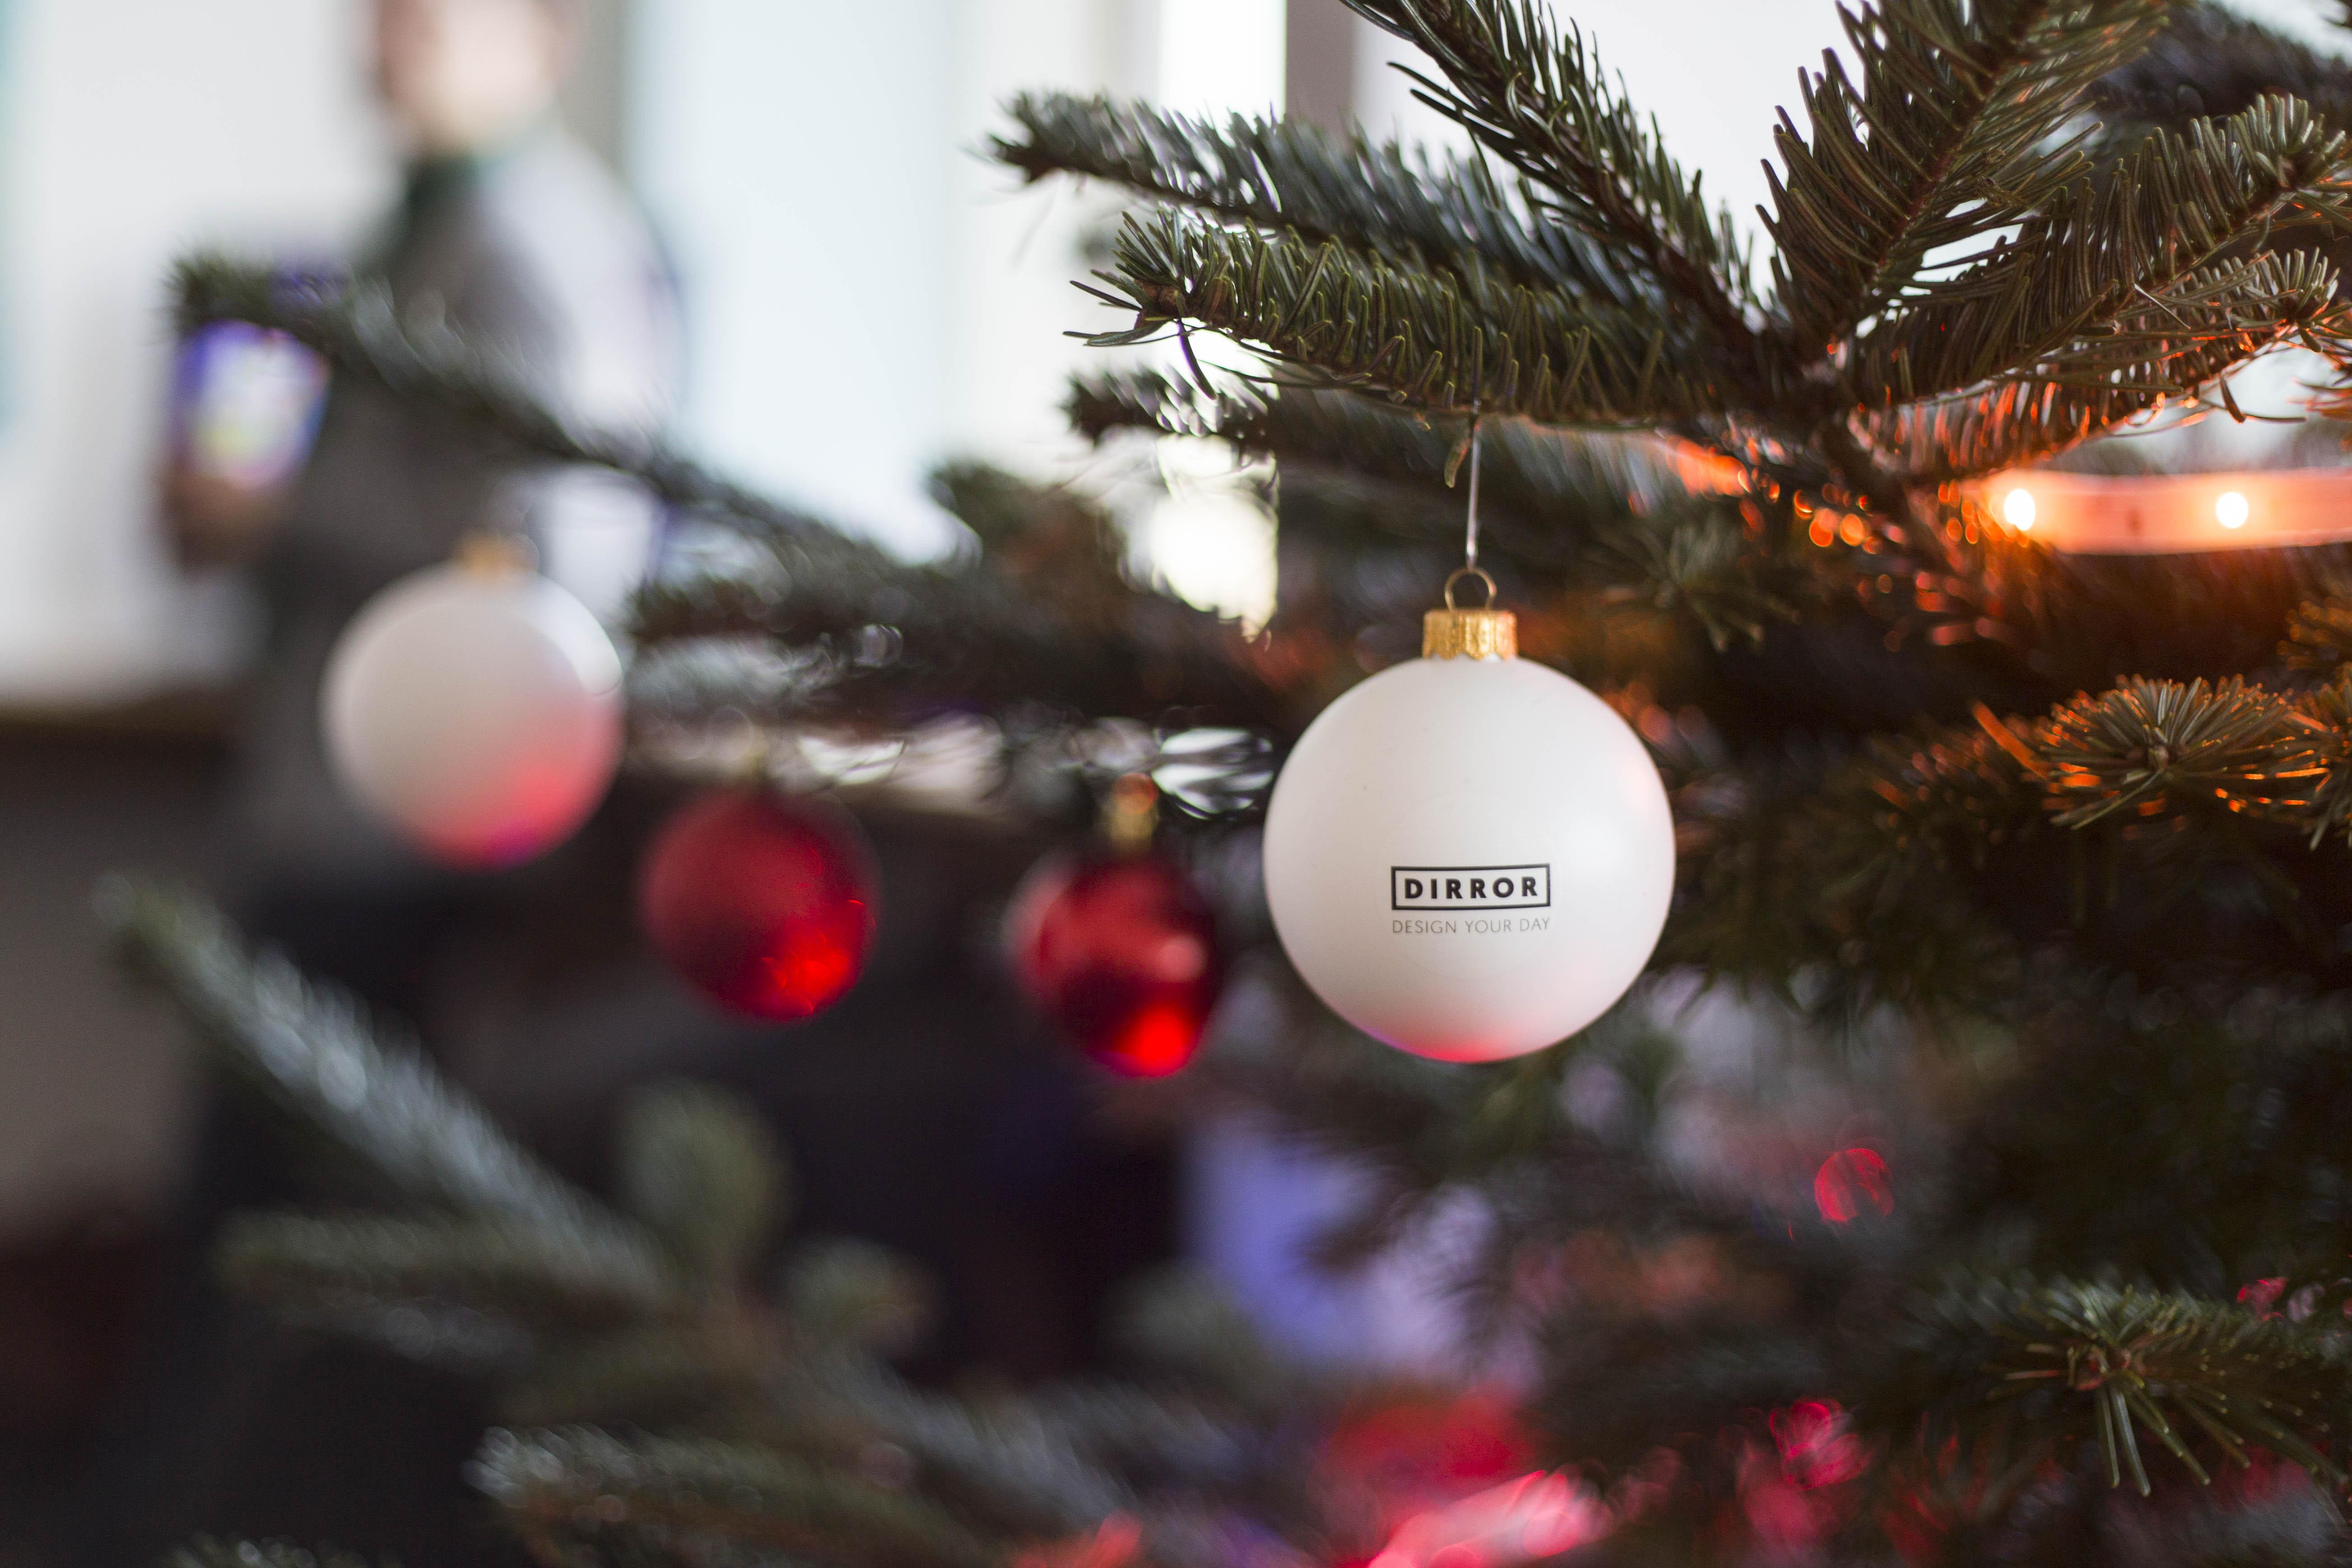 dirror_weihnachten_zukunft_1